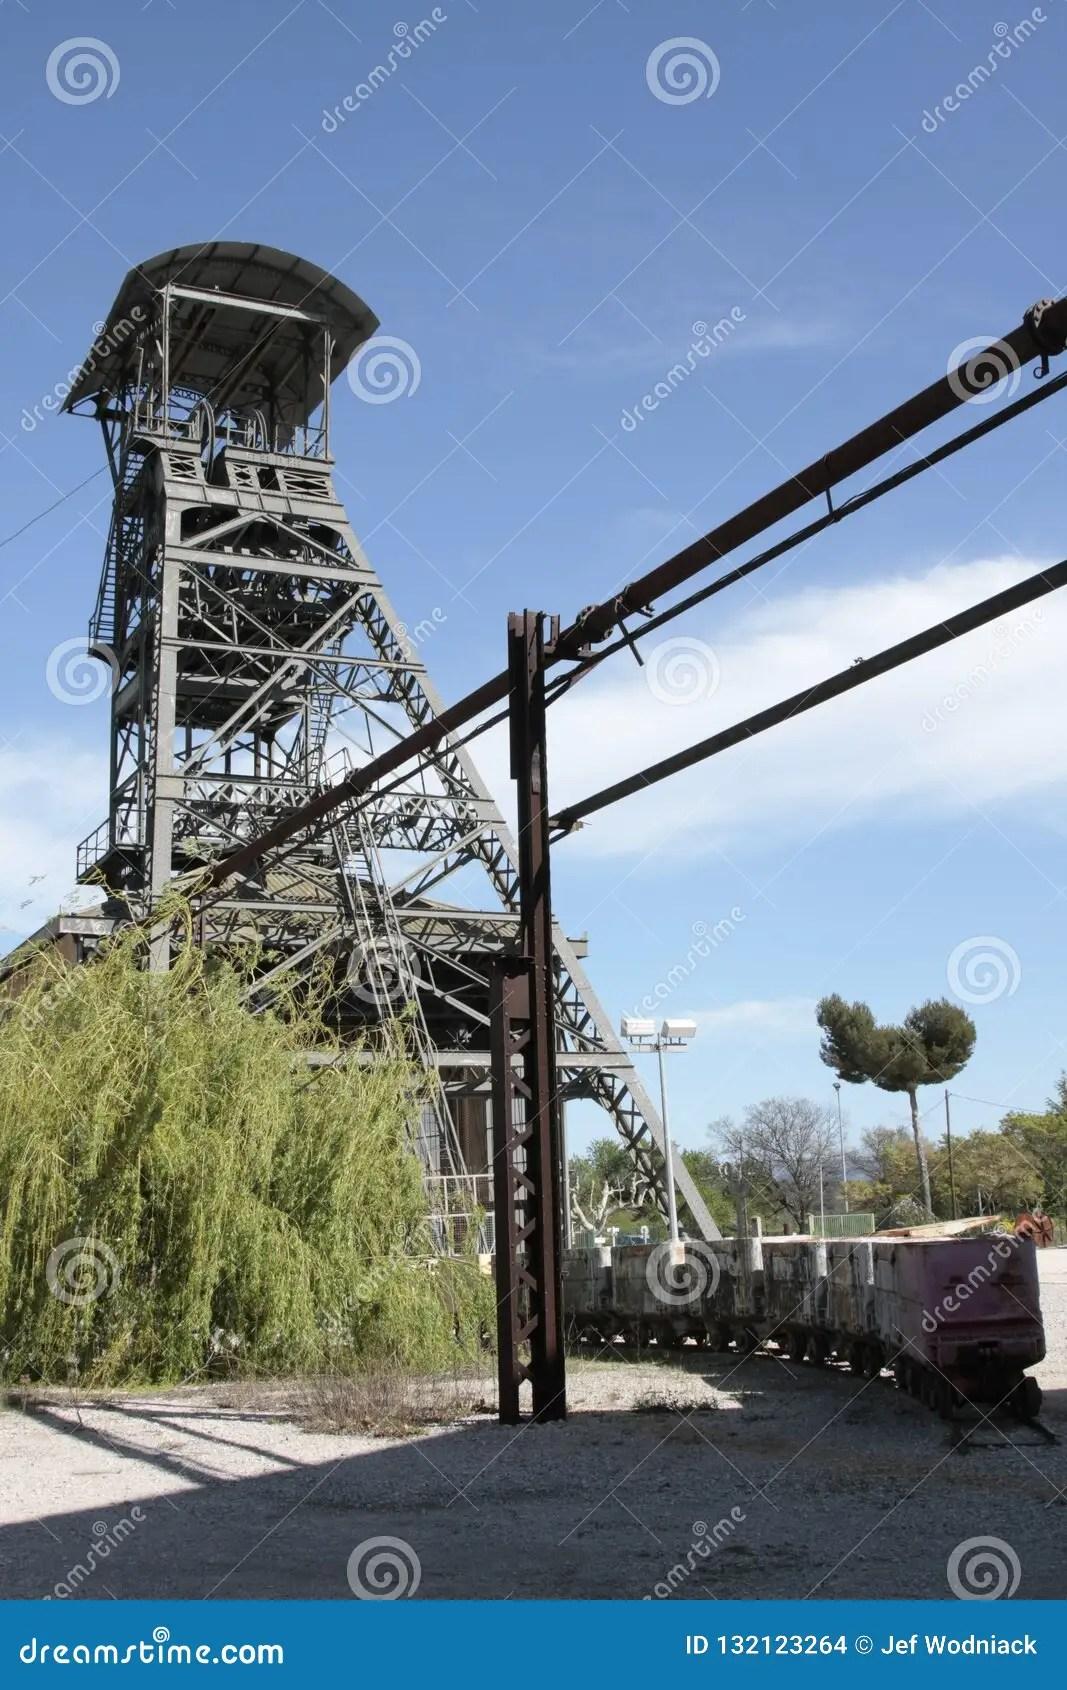 Mines De Charbon En France : mines, charbon, france, Greasque, France, 10/25/2018., Stock, Photo, 132123264, Megapixl